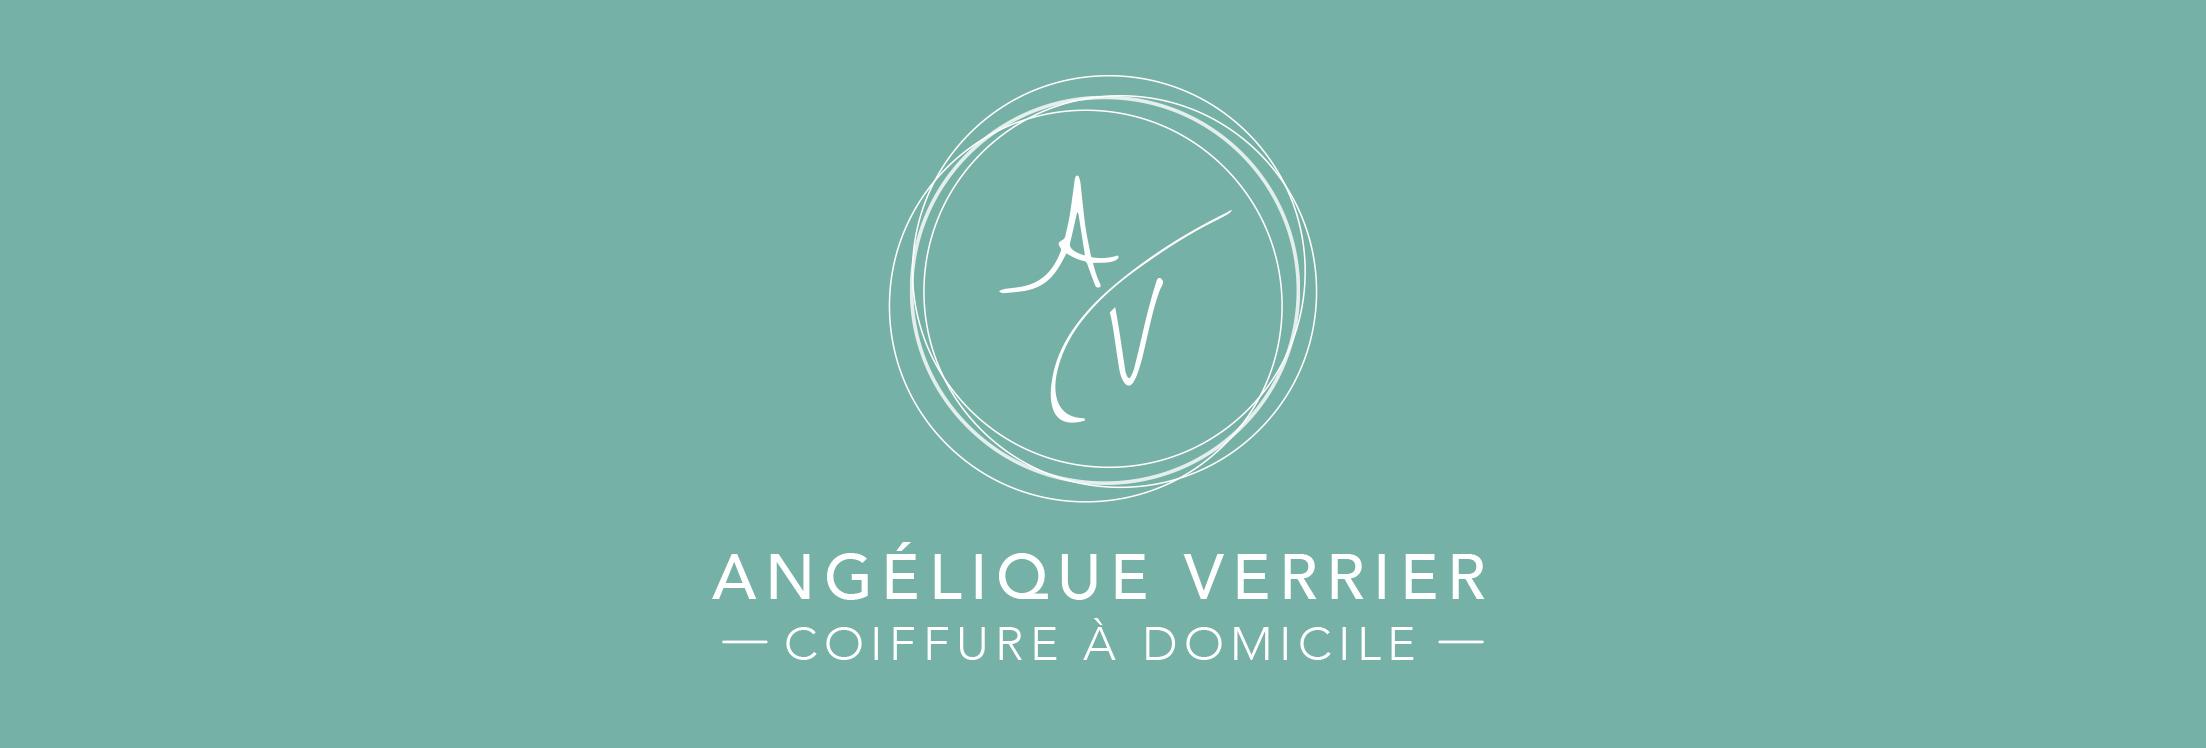 angelique verrier logo.jpg